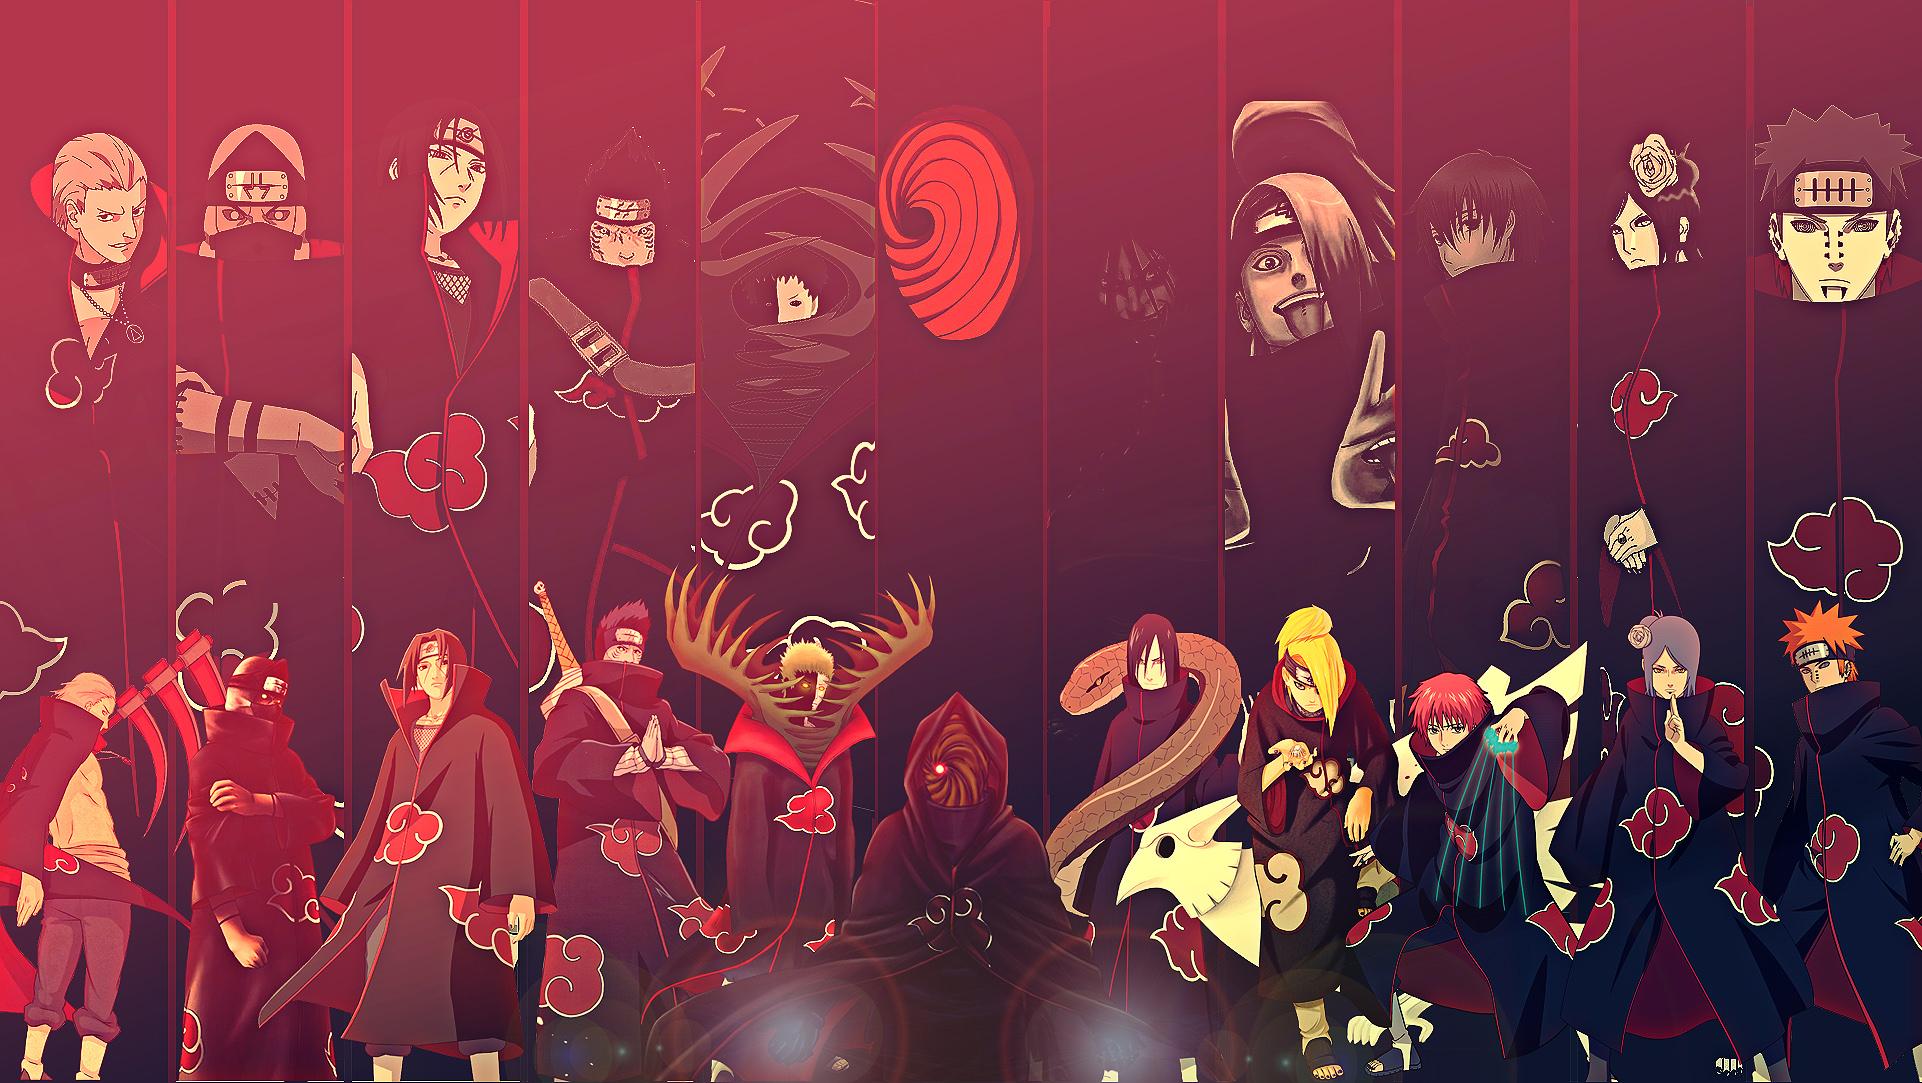 akatsuki wallpaper,red,font,event,art,performance